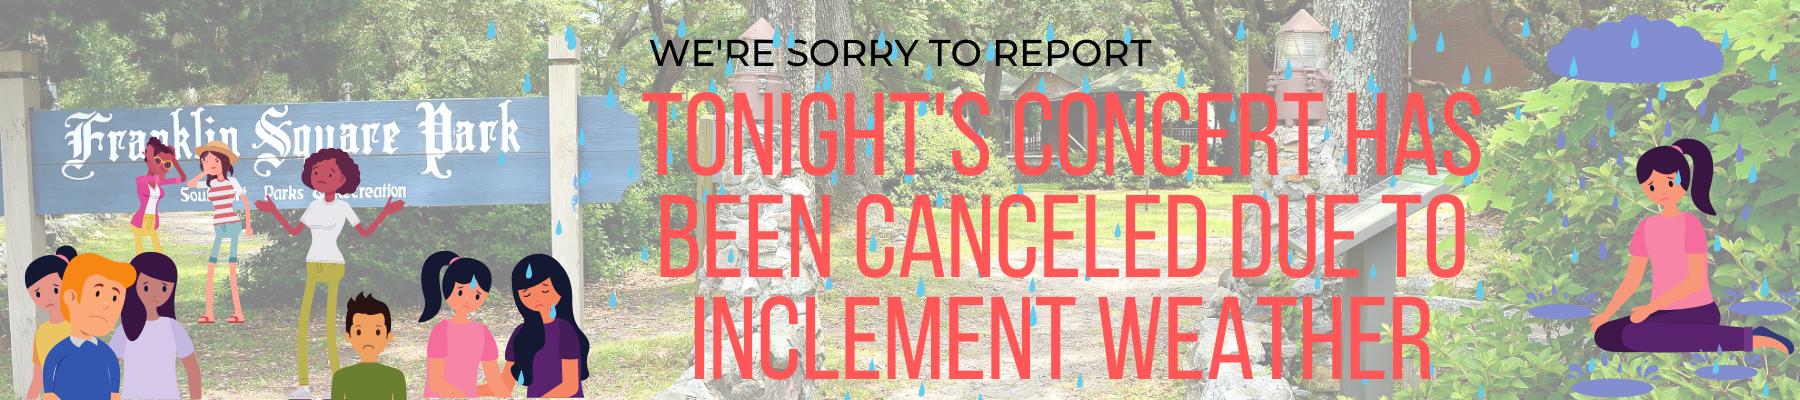 concert canceled